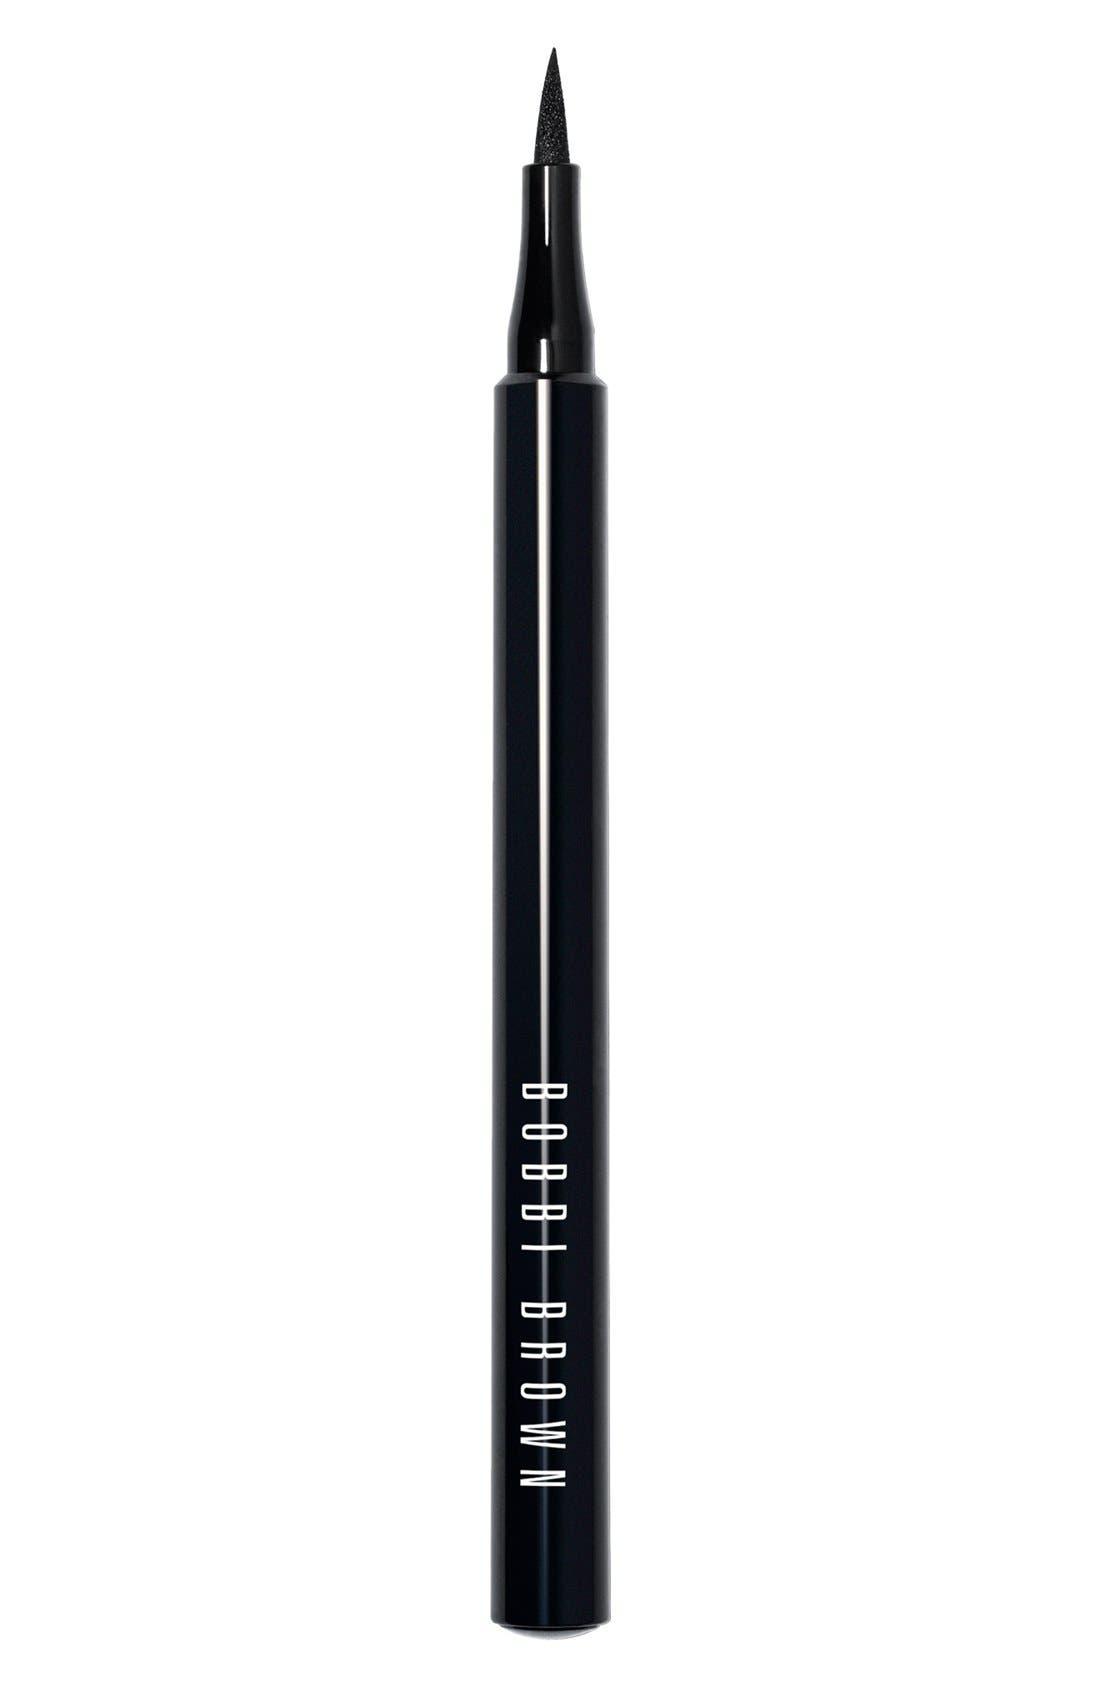 BOBBI BROWN Ink Eyeliner, Main, color, 001